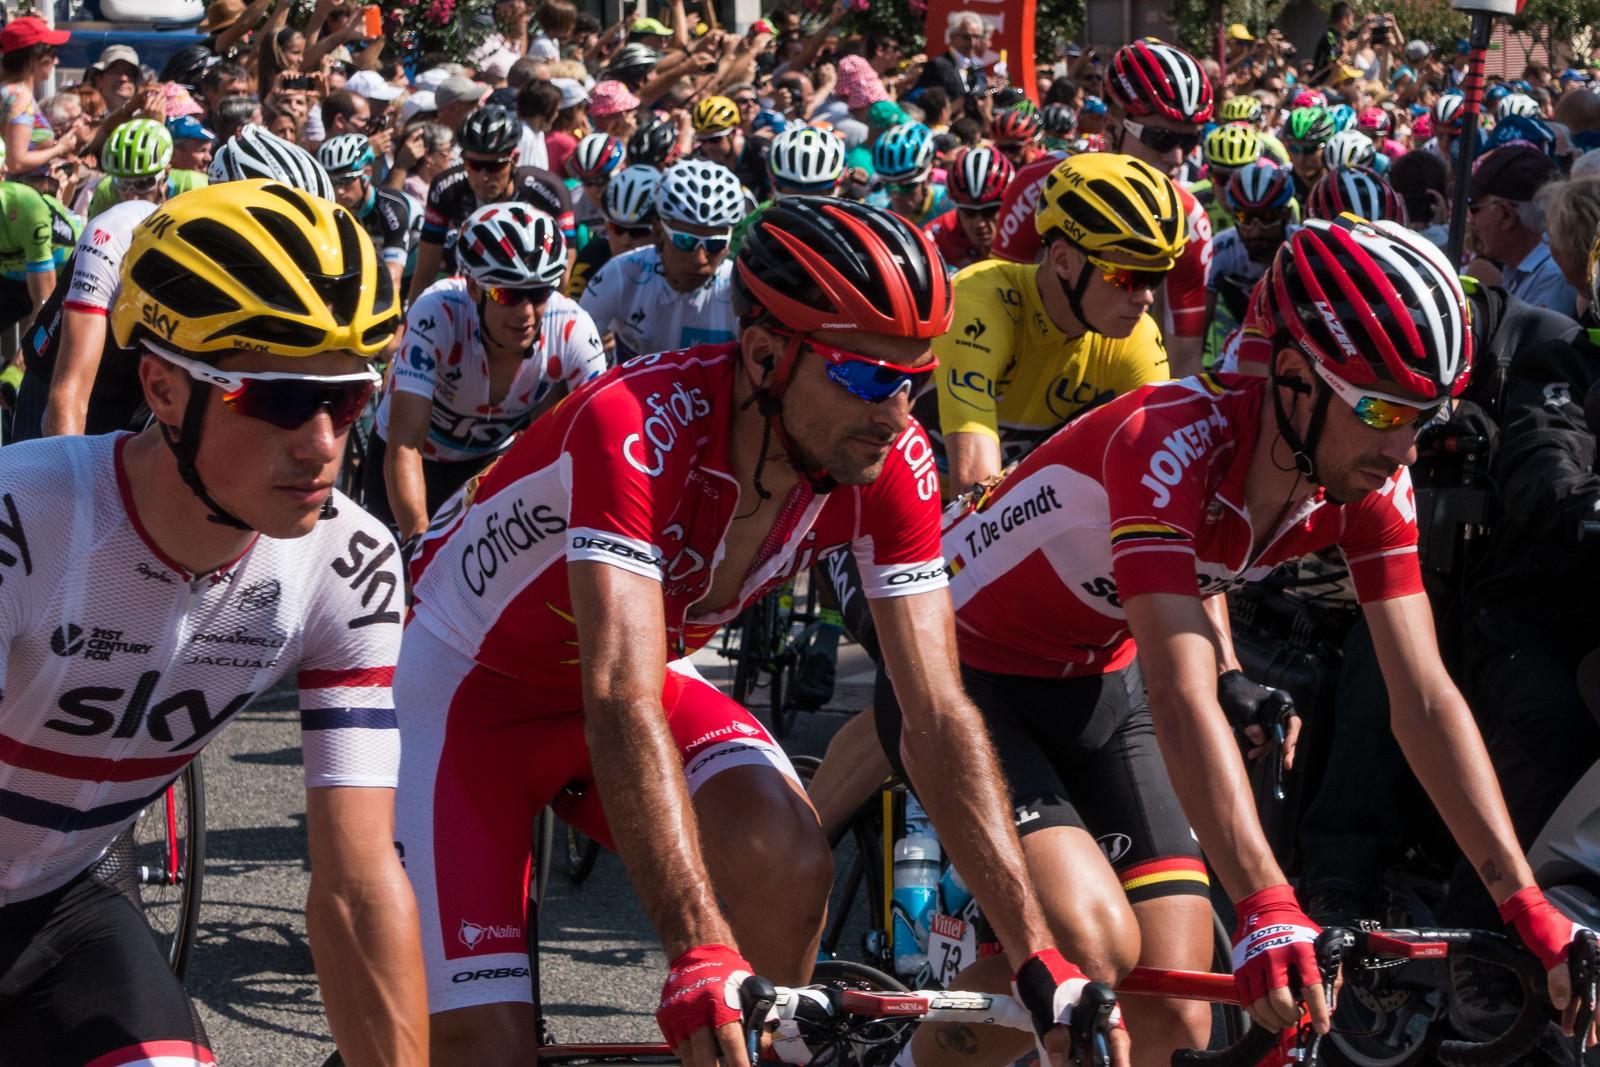 Tour de France 2015 - Stage 12-9